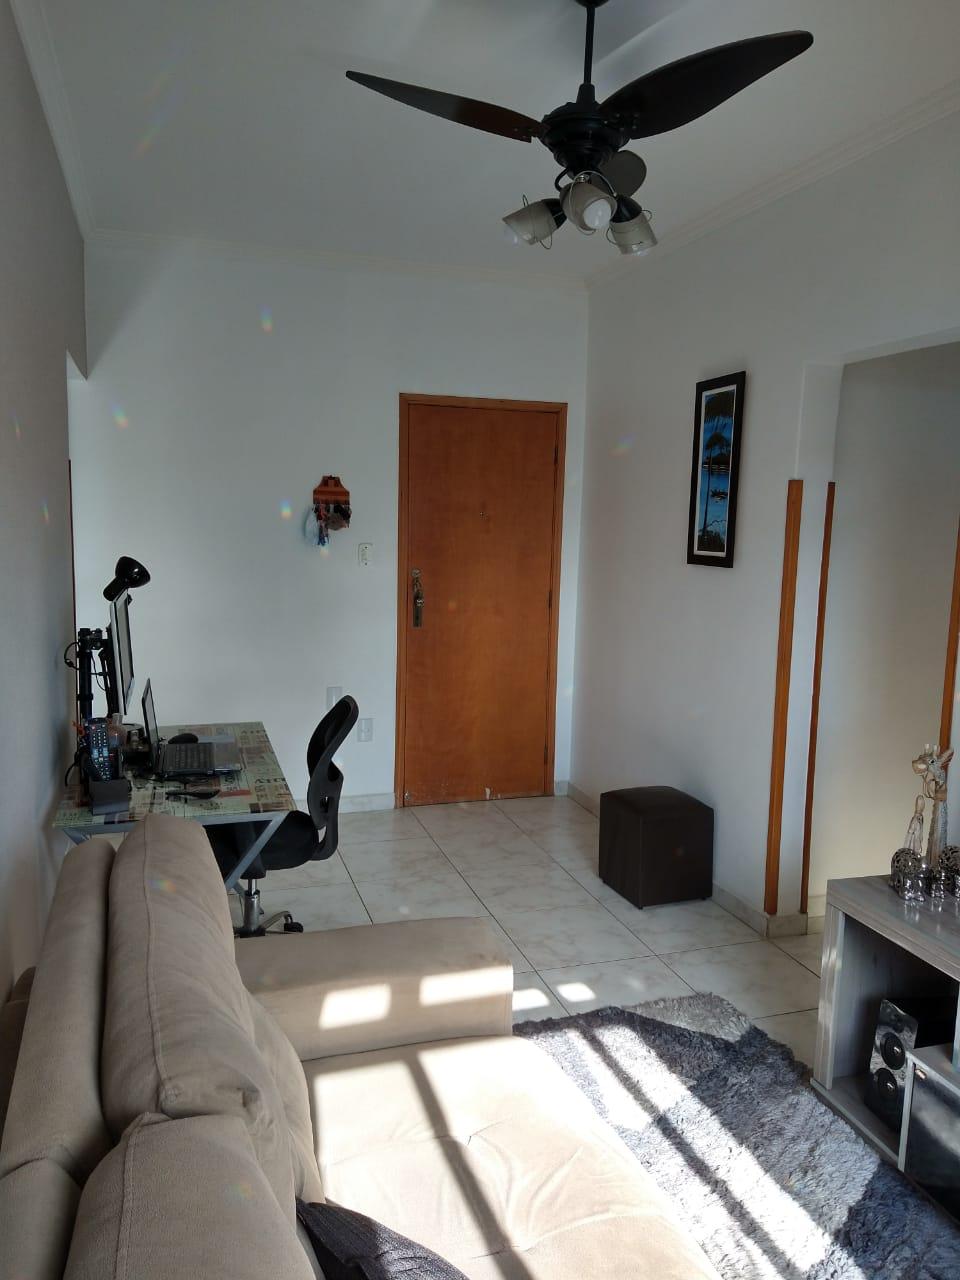 próximo ao canal 5 em prédio de 3 andares , bom apartamento totalmente reformado com 2 dormitórios . - foto 11